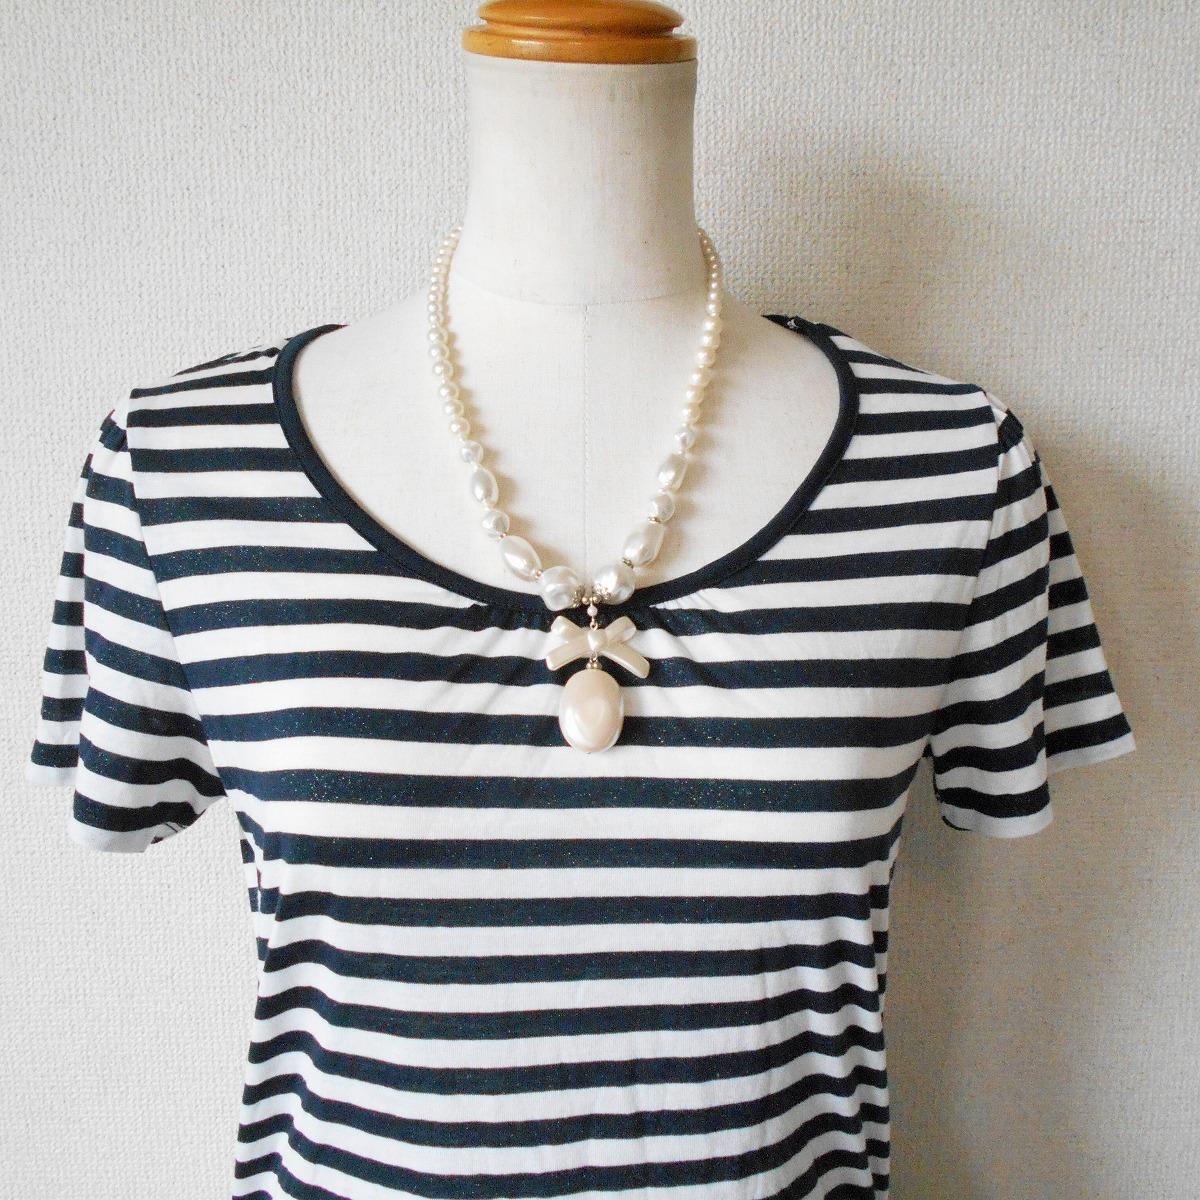 組曲 KUMIKYOKU オンワード 樫山 ラメ 入り ボーダー / 絞れる リボン 付き 半袖 カットソー Tシャツ 2_画像2